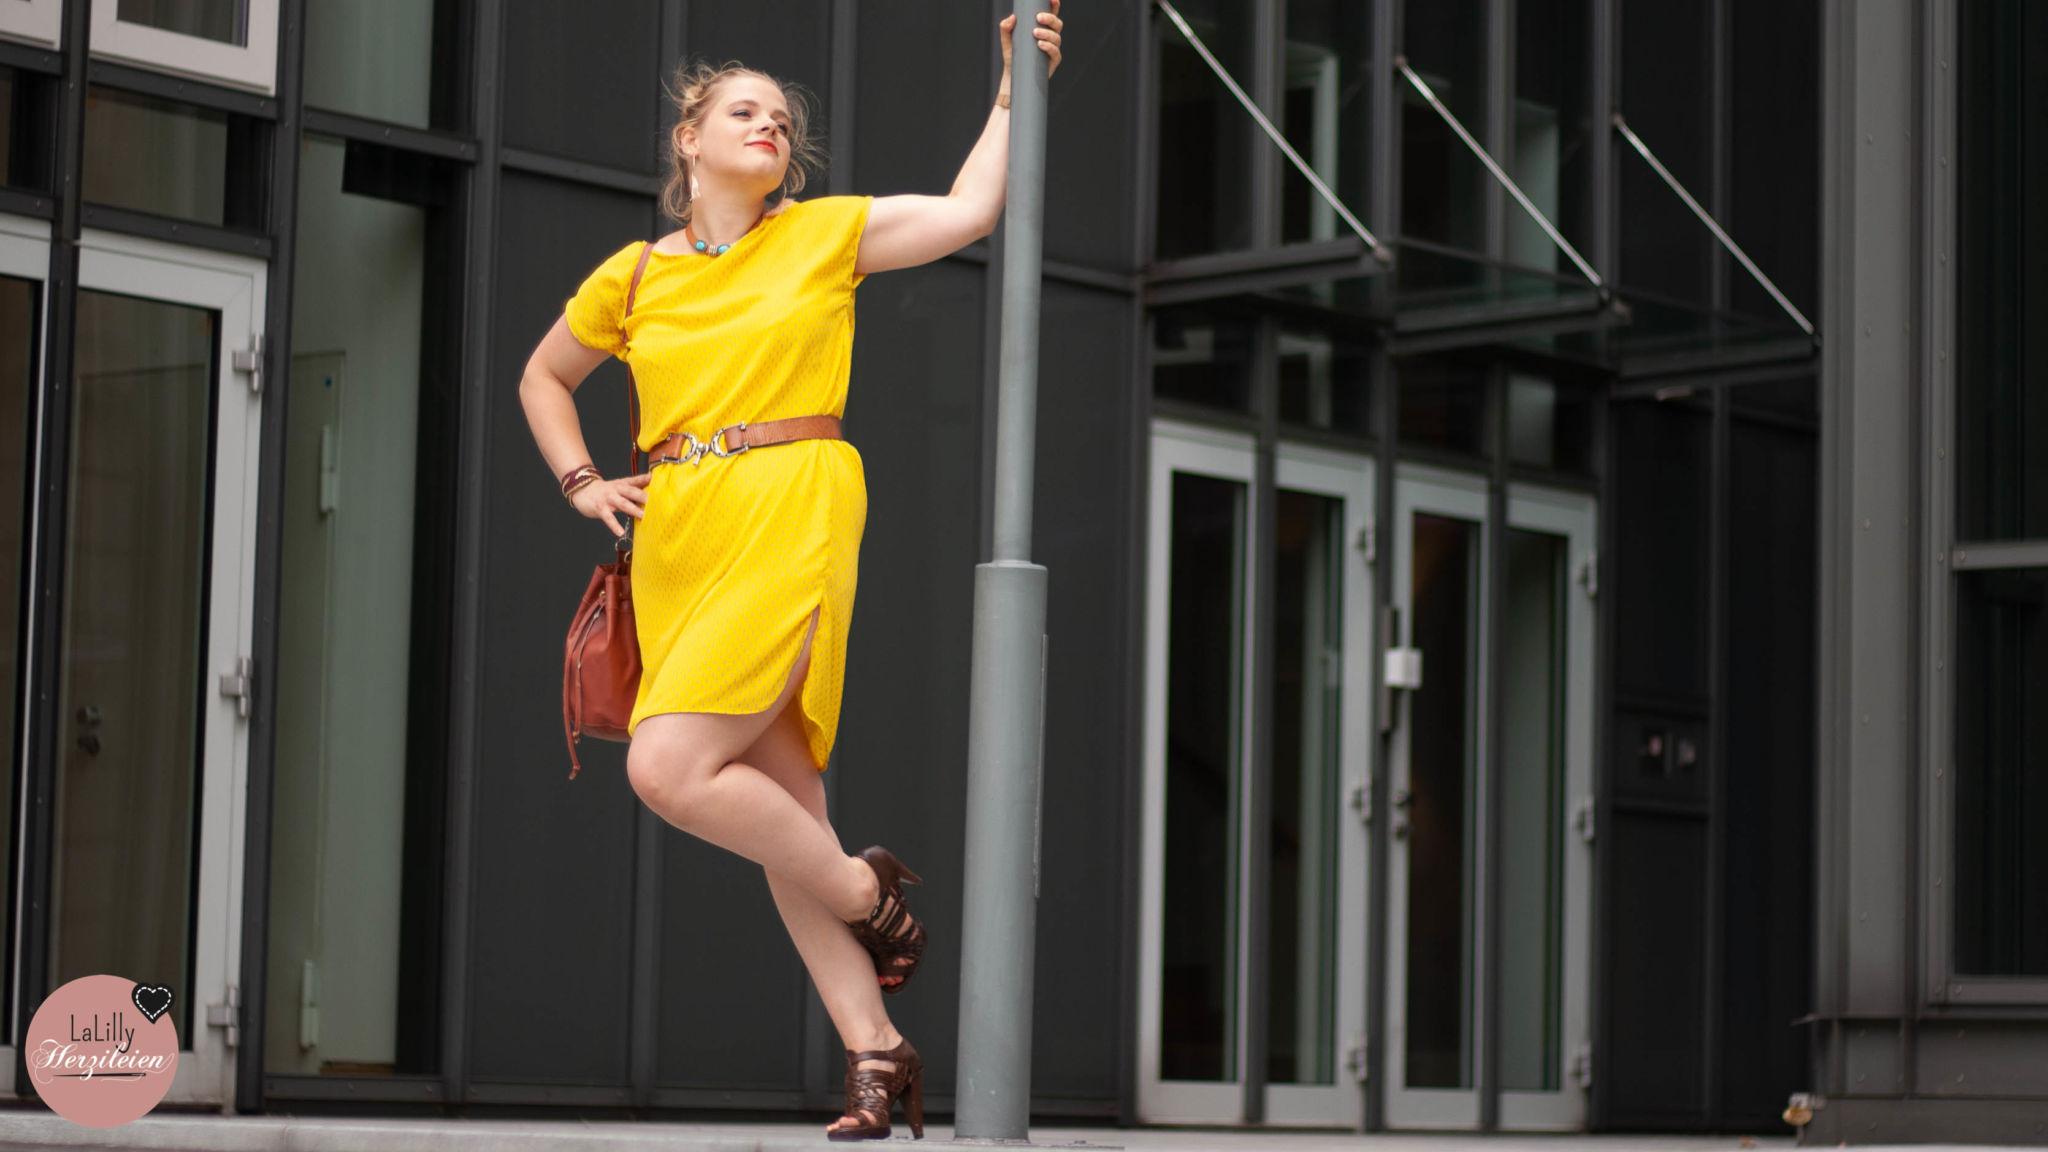 Fotografie für Nähblogger – Outfits zusammenstellen